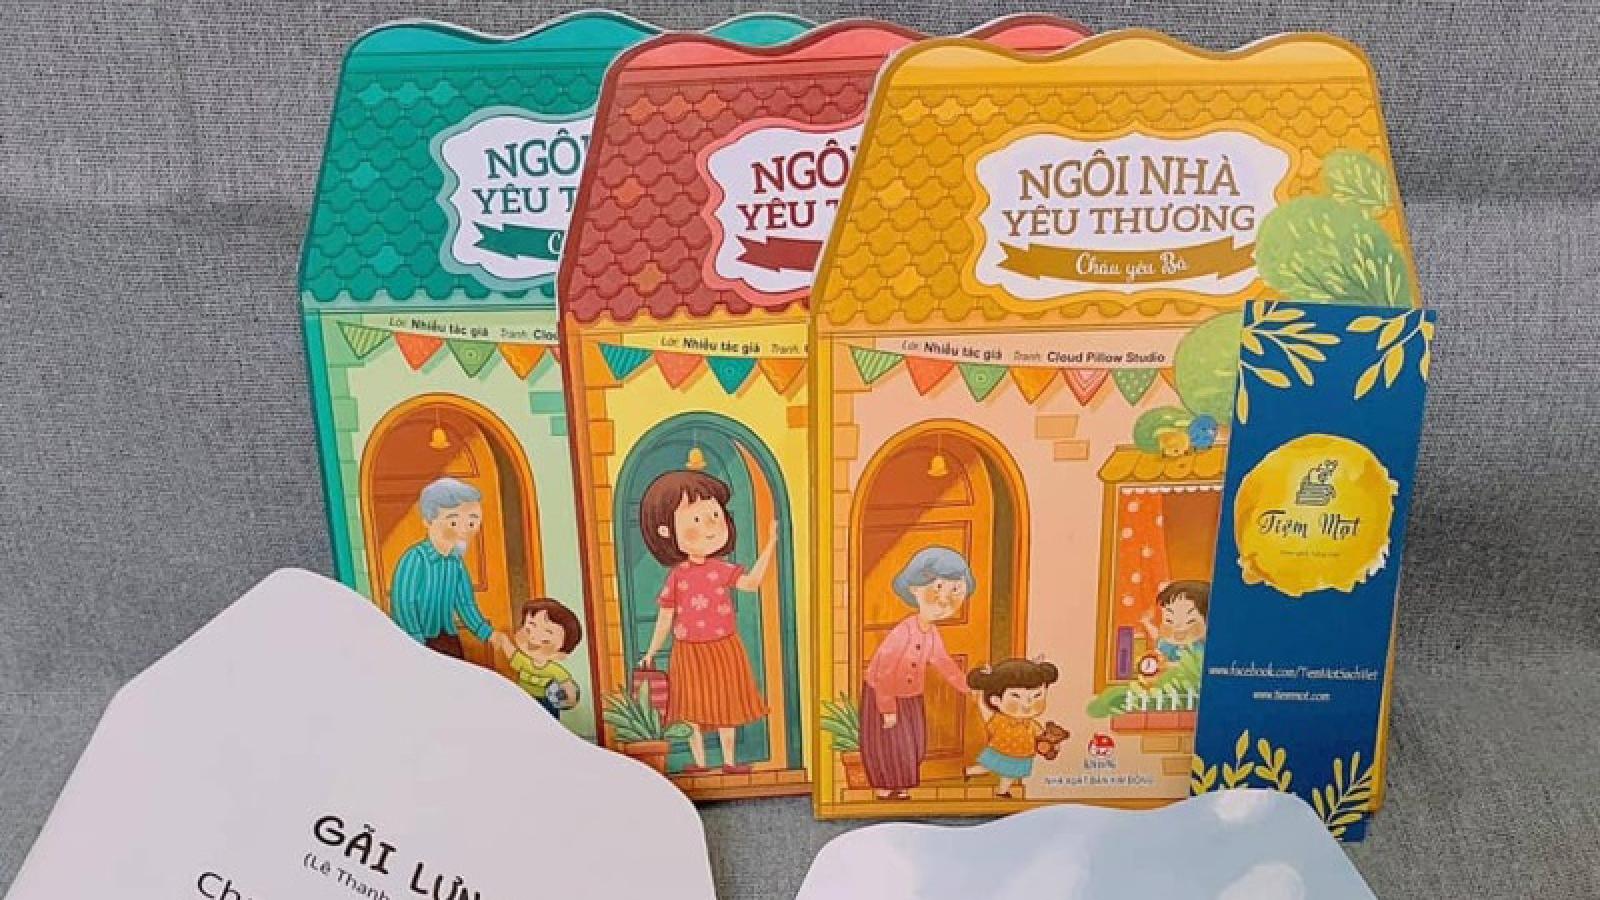 Online Vietnamese bookstores open in Europe